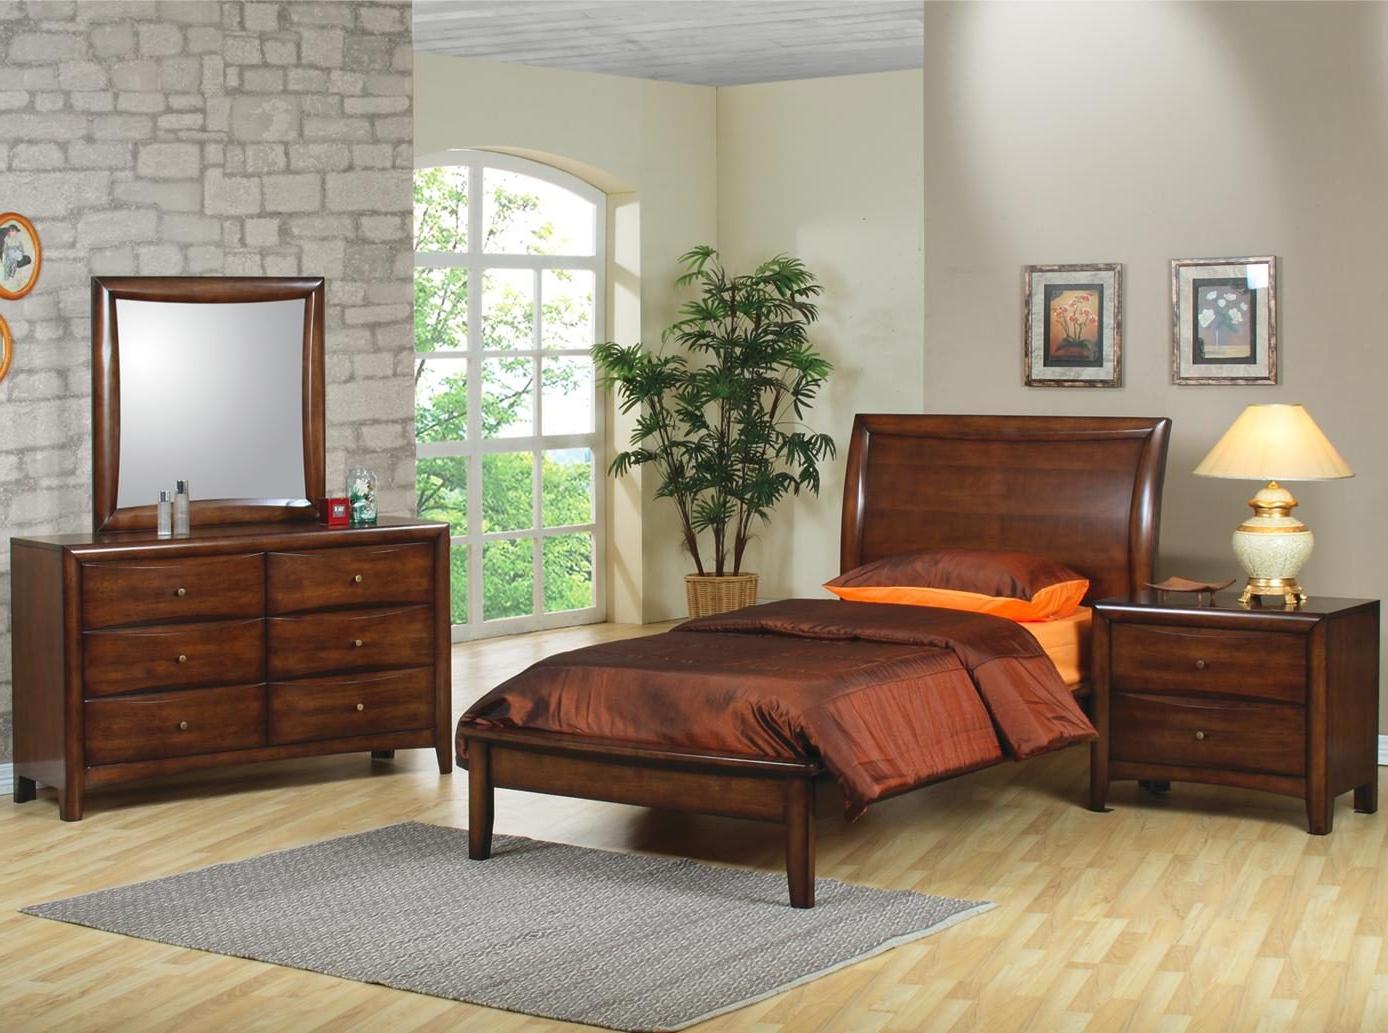 Muebles De Habitacion Wddj Habitacià N à Tnica Con Muebles De Madera Imà Genes Y Fotos